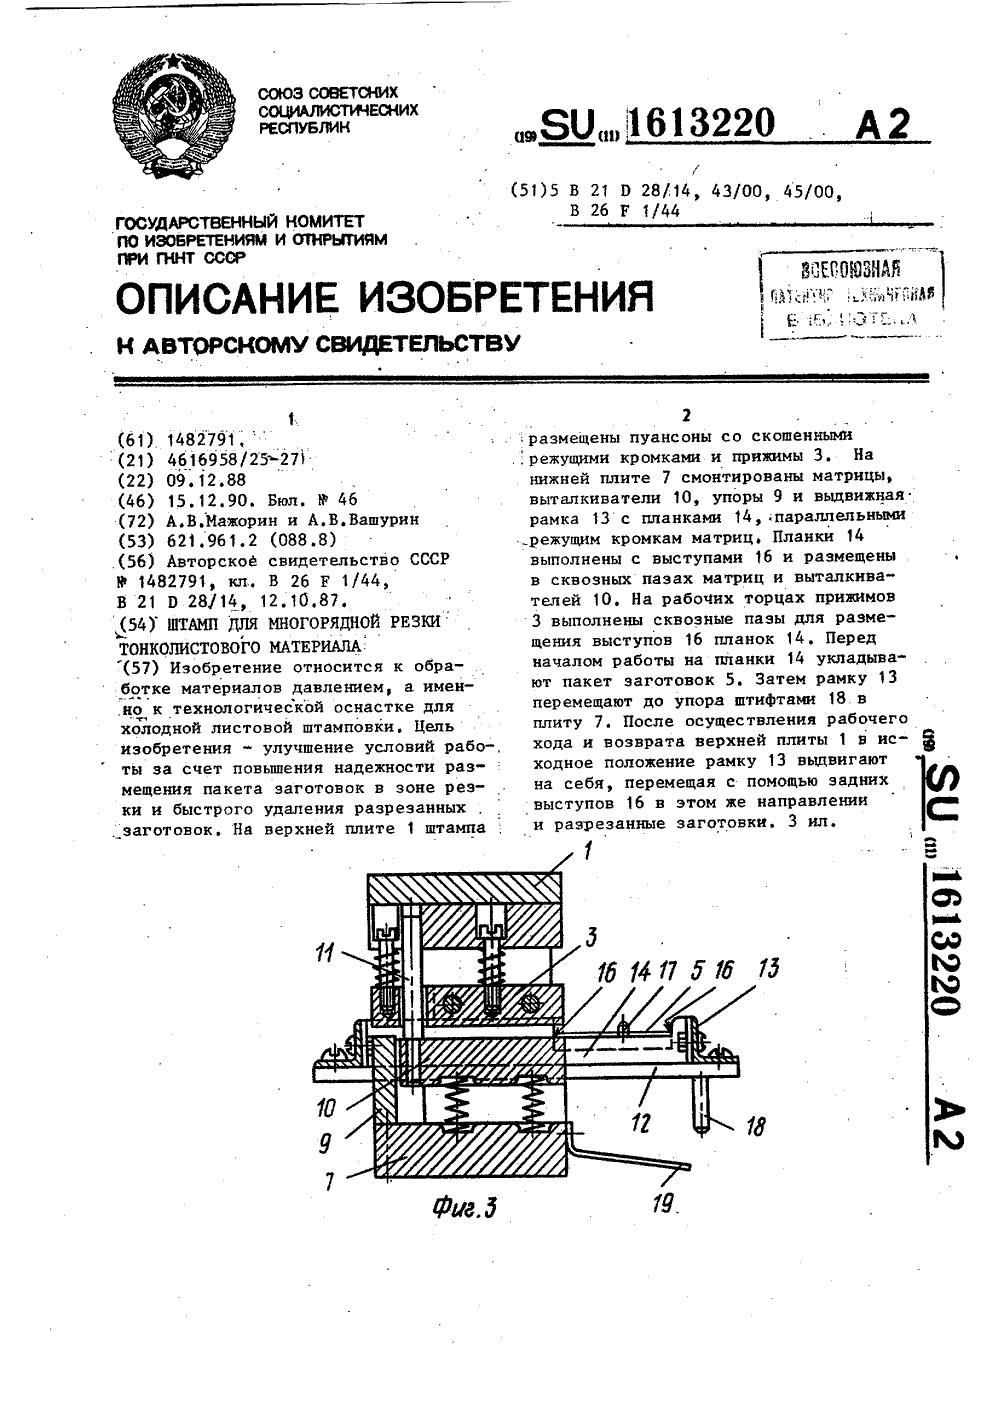 технологическая оснастка для холодной штамповки каталог-справочник 1967